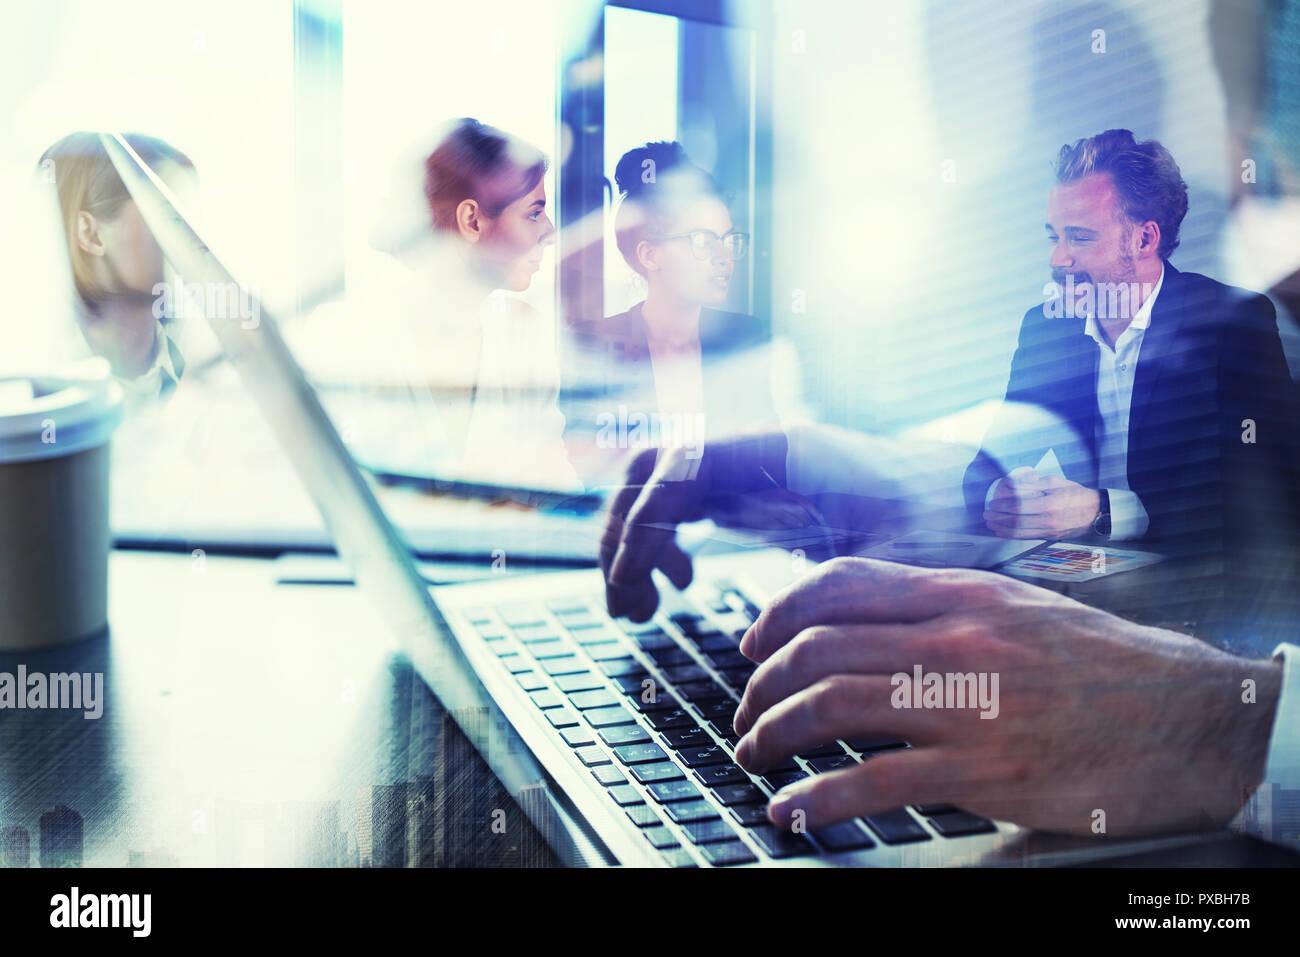 L'homme d'affaires travaille en bureau avec ordinateur portable au premier plan. Concept d'équipe et partenariat. double exposition Photo Stock